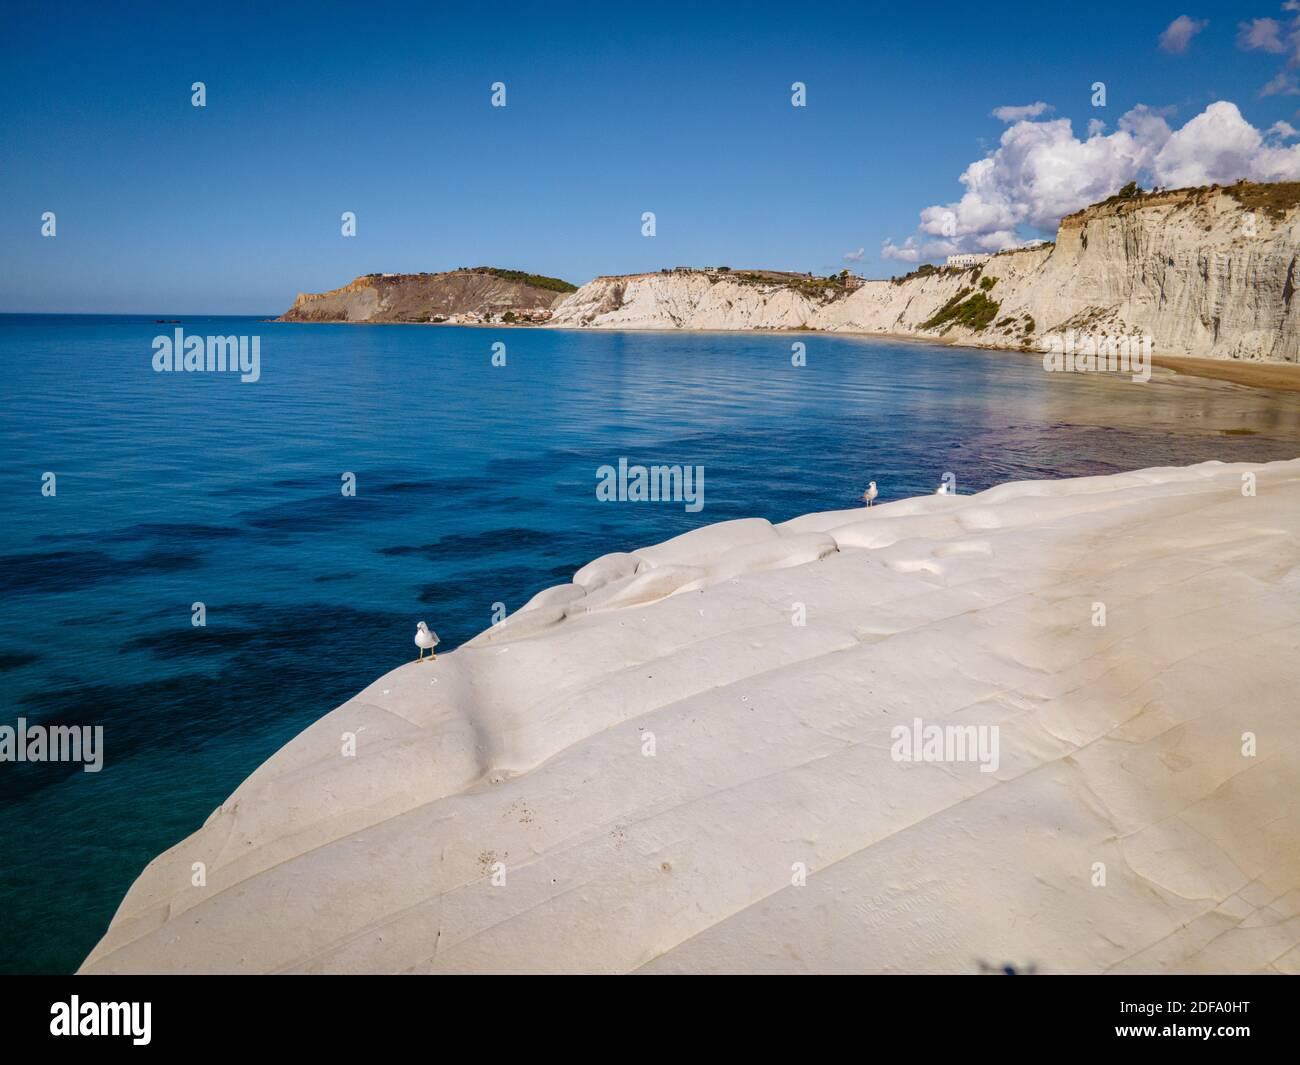 Realmonte Turkish Scale Beach Stockfotos und  bilder Kaufen   Alamy